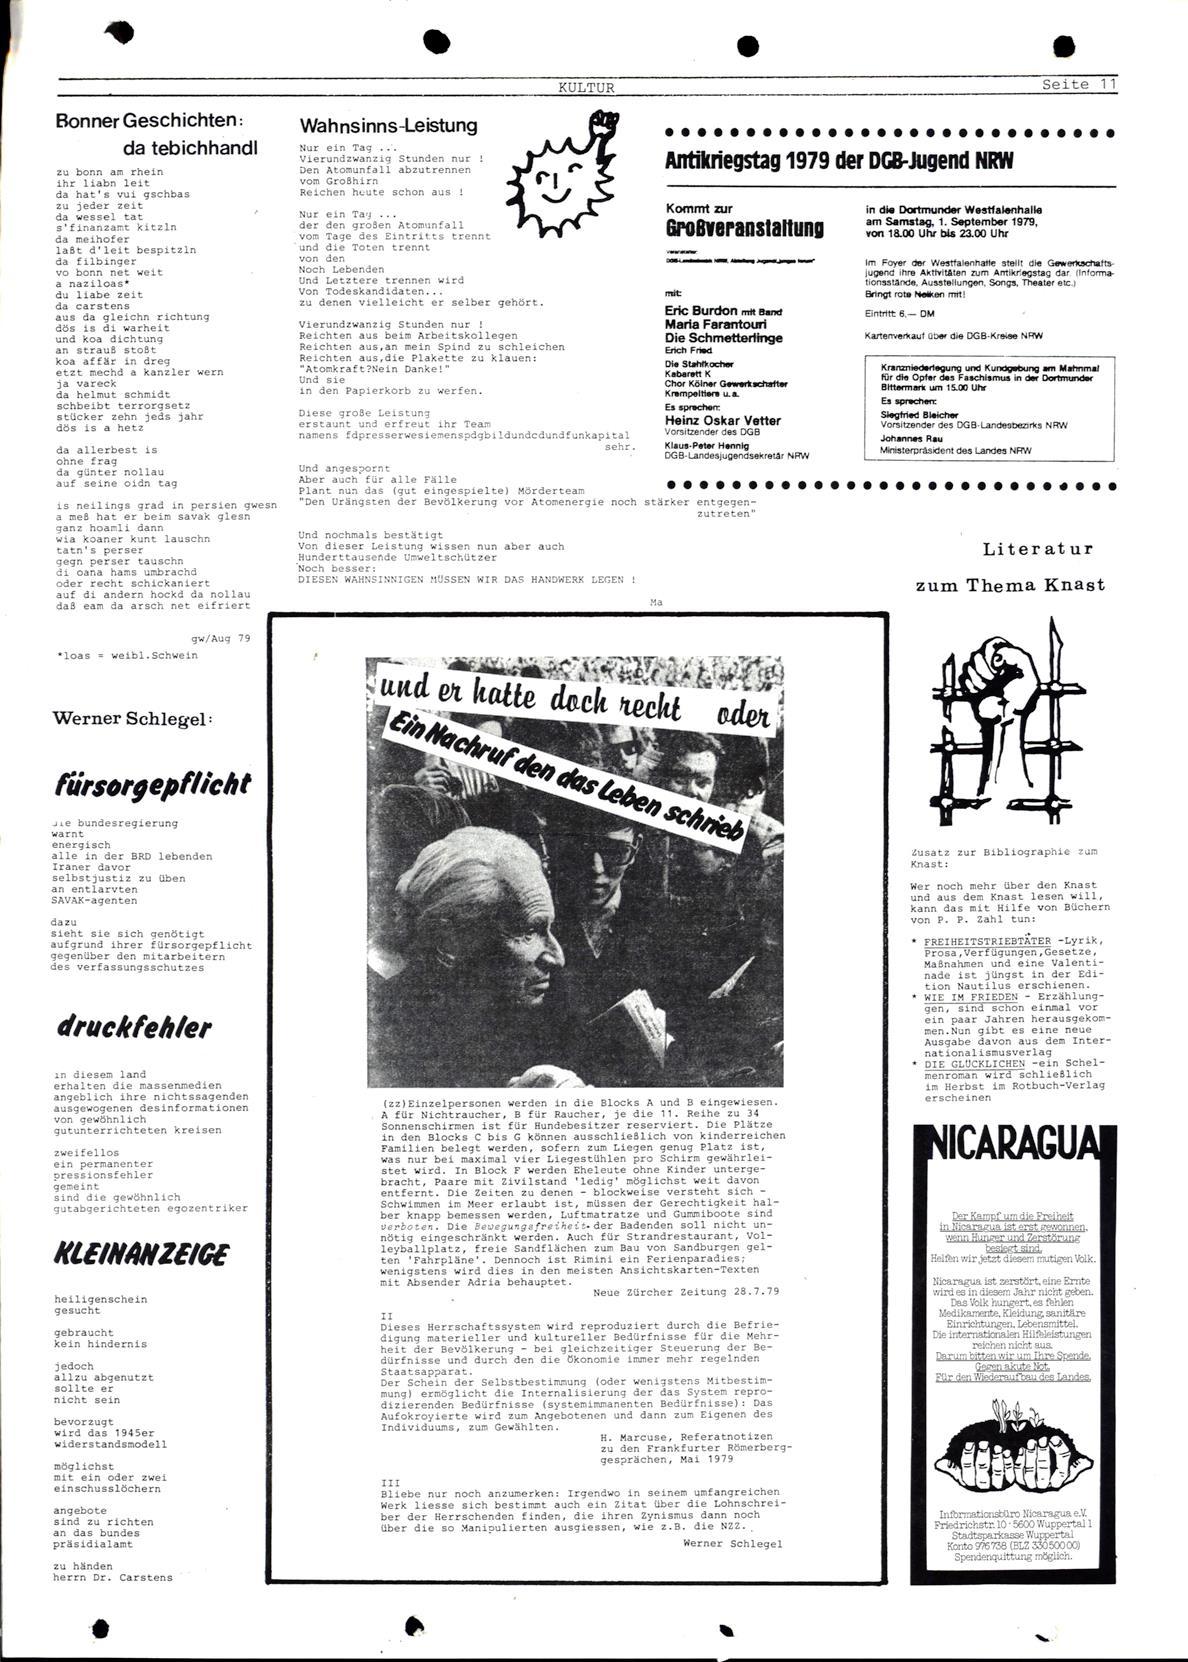 Bonner_Volksblatt_27_19790828_11